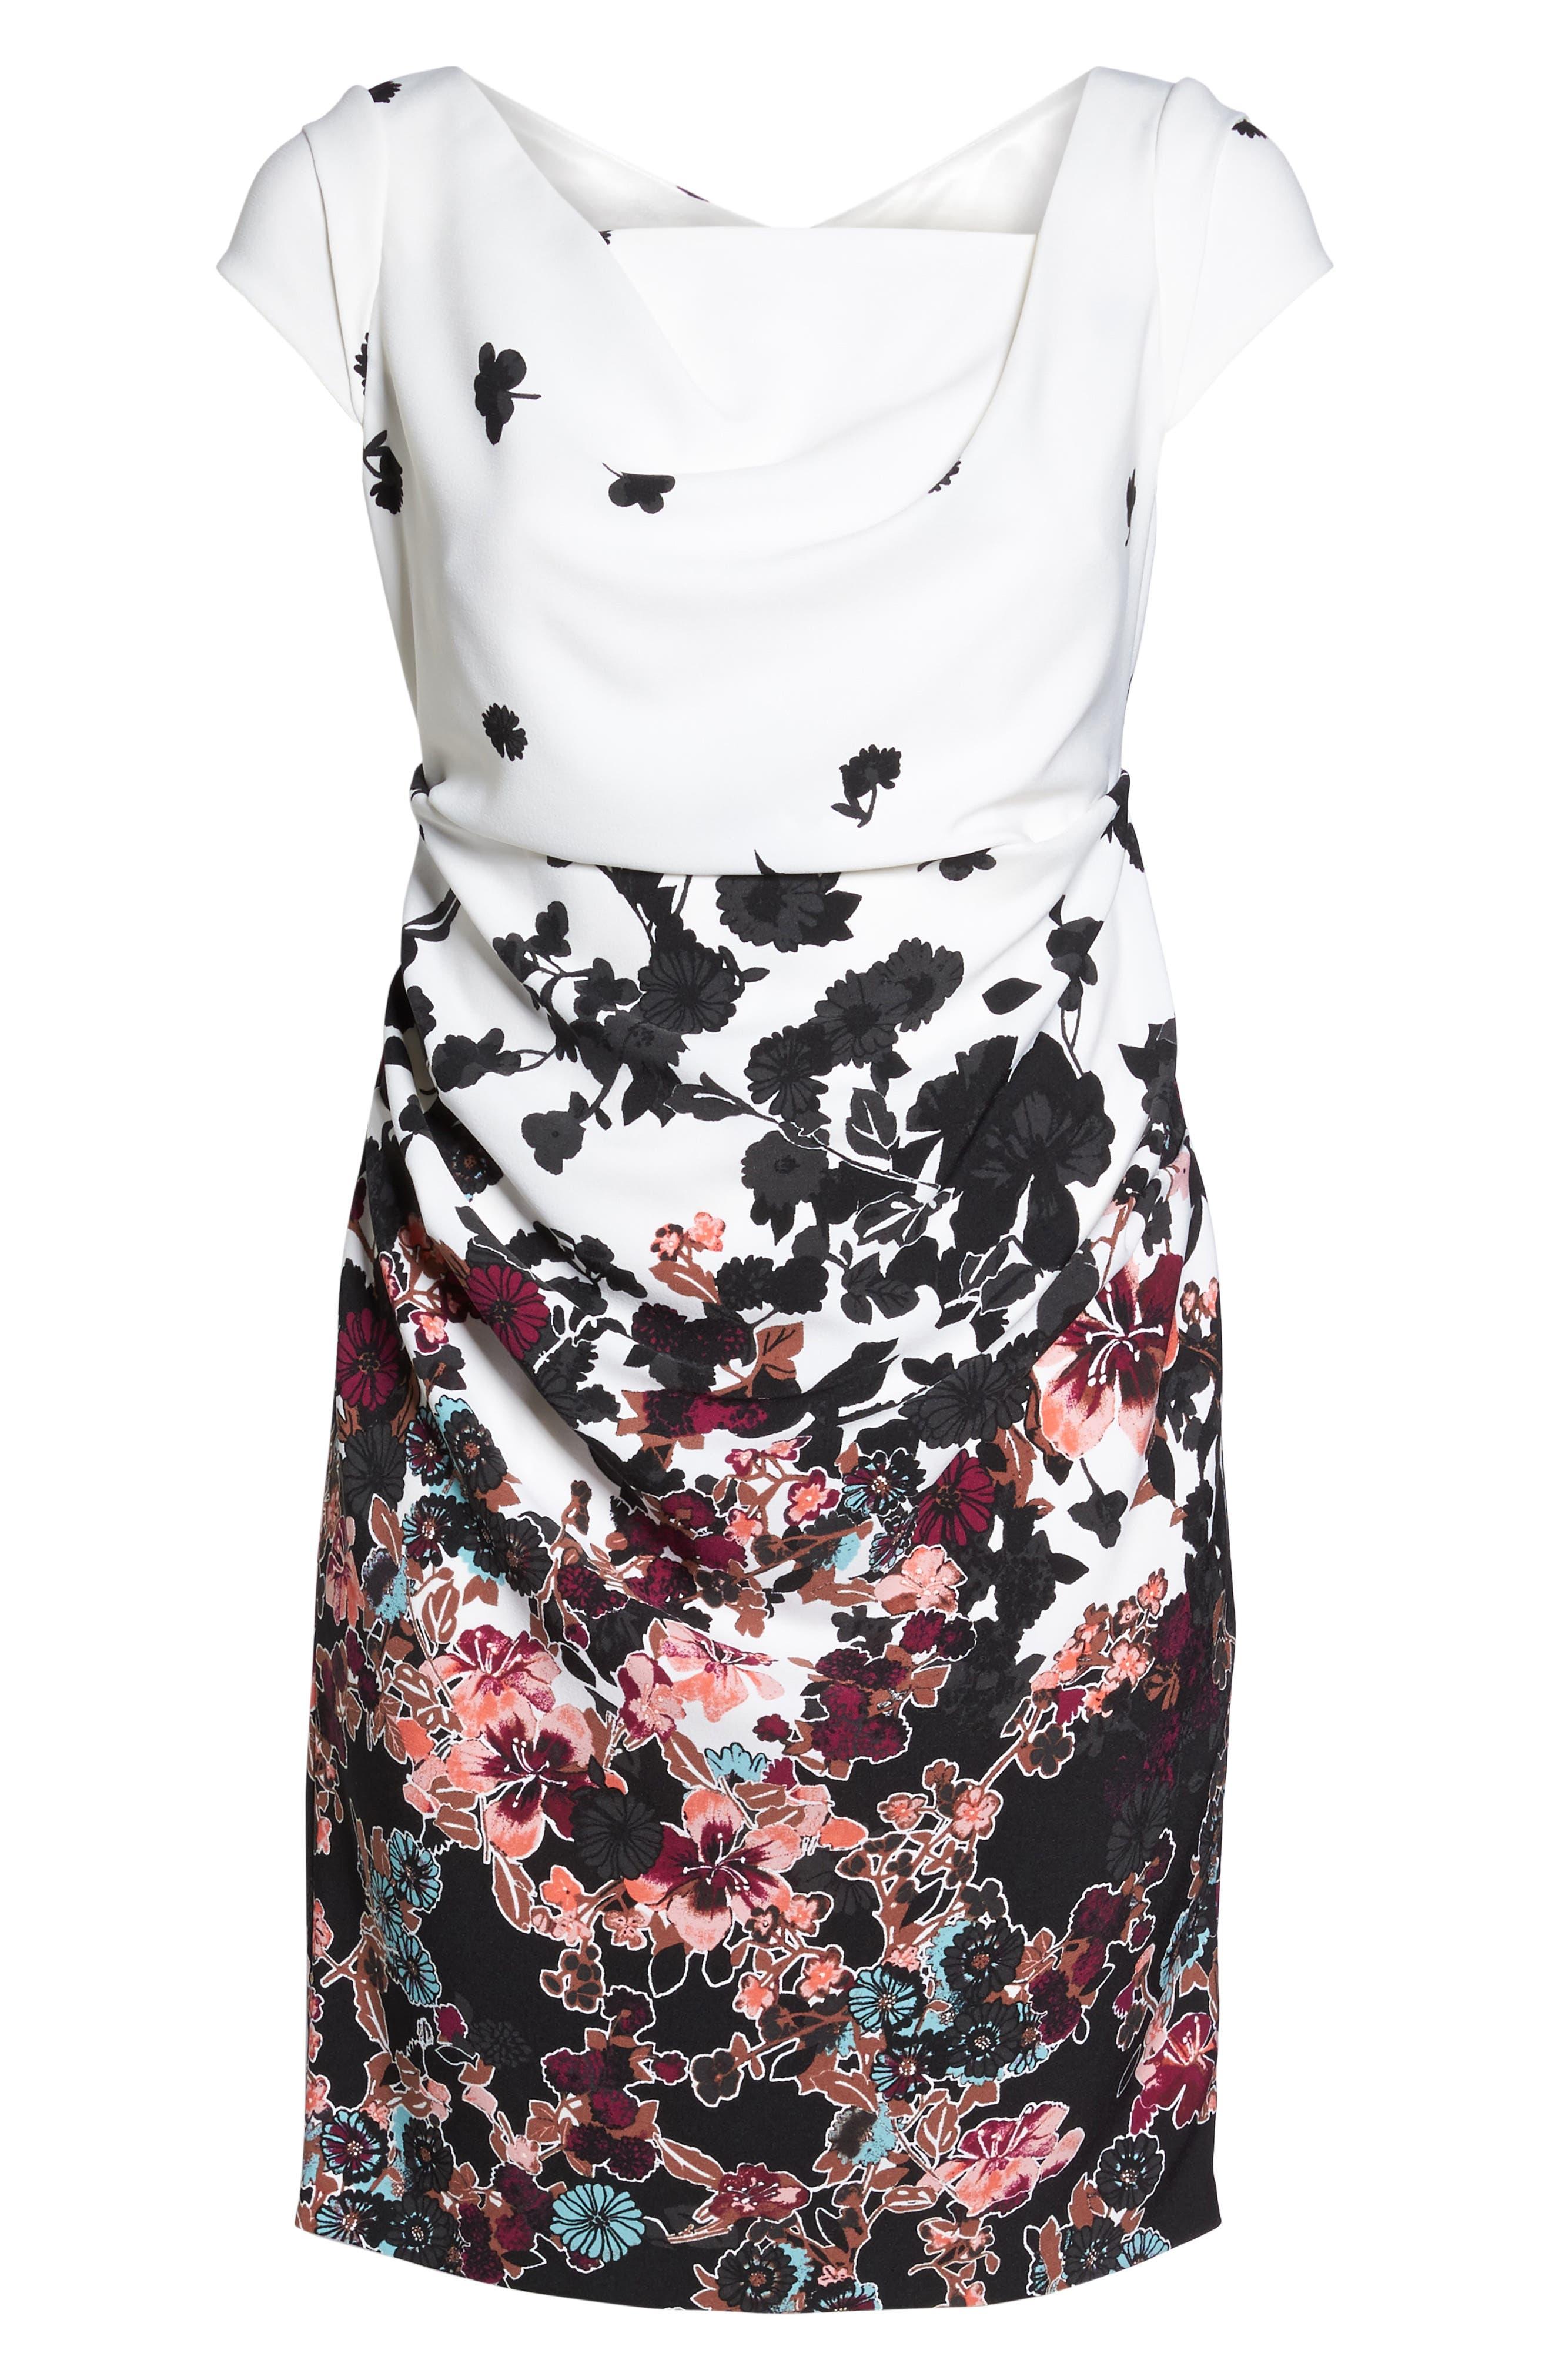 Floral Bliss Draped Sheath Dress,                             Alternate thumbnail 6, color,                             900